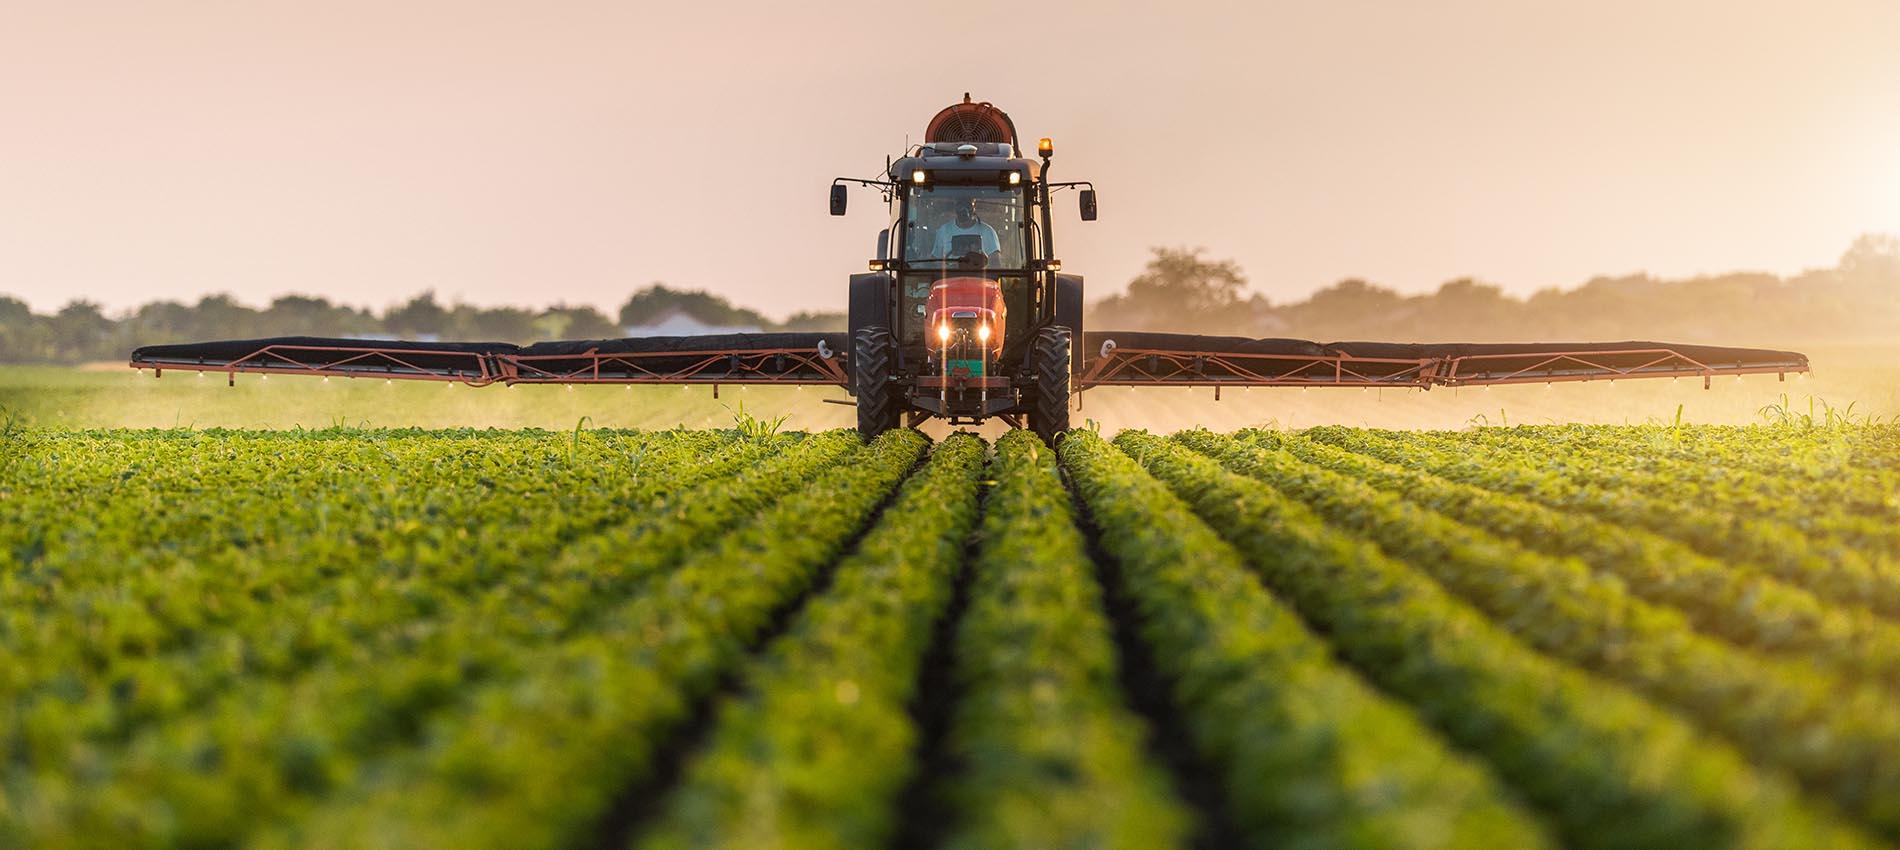 Over dode landschappen, boeren en landbouw gif